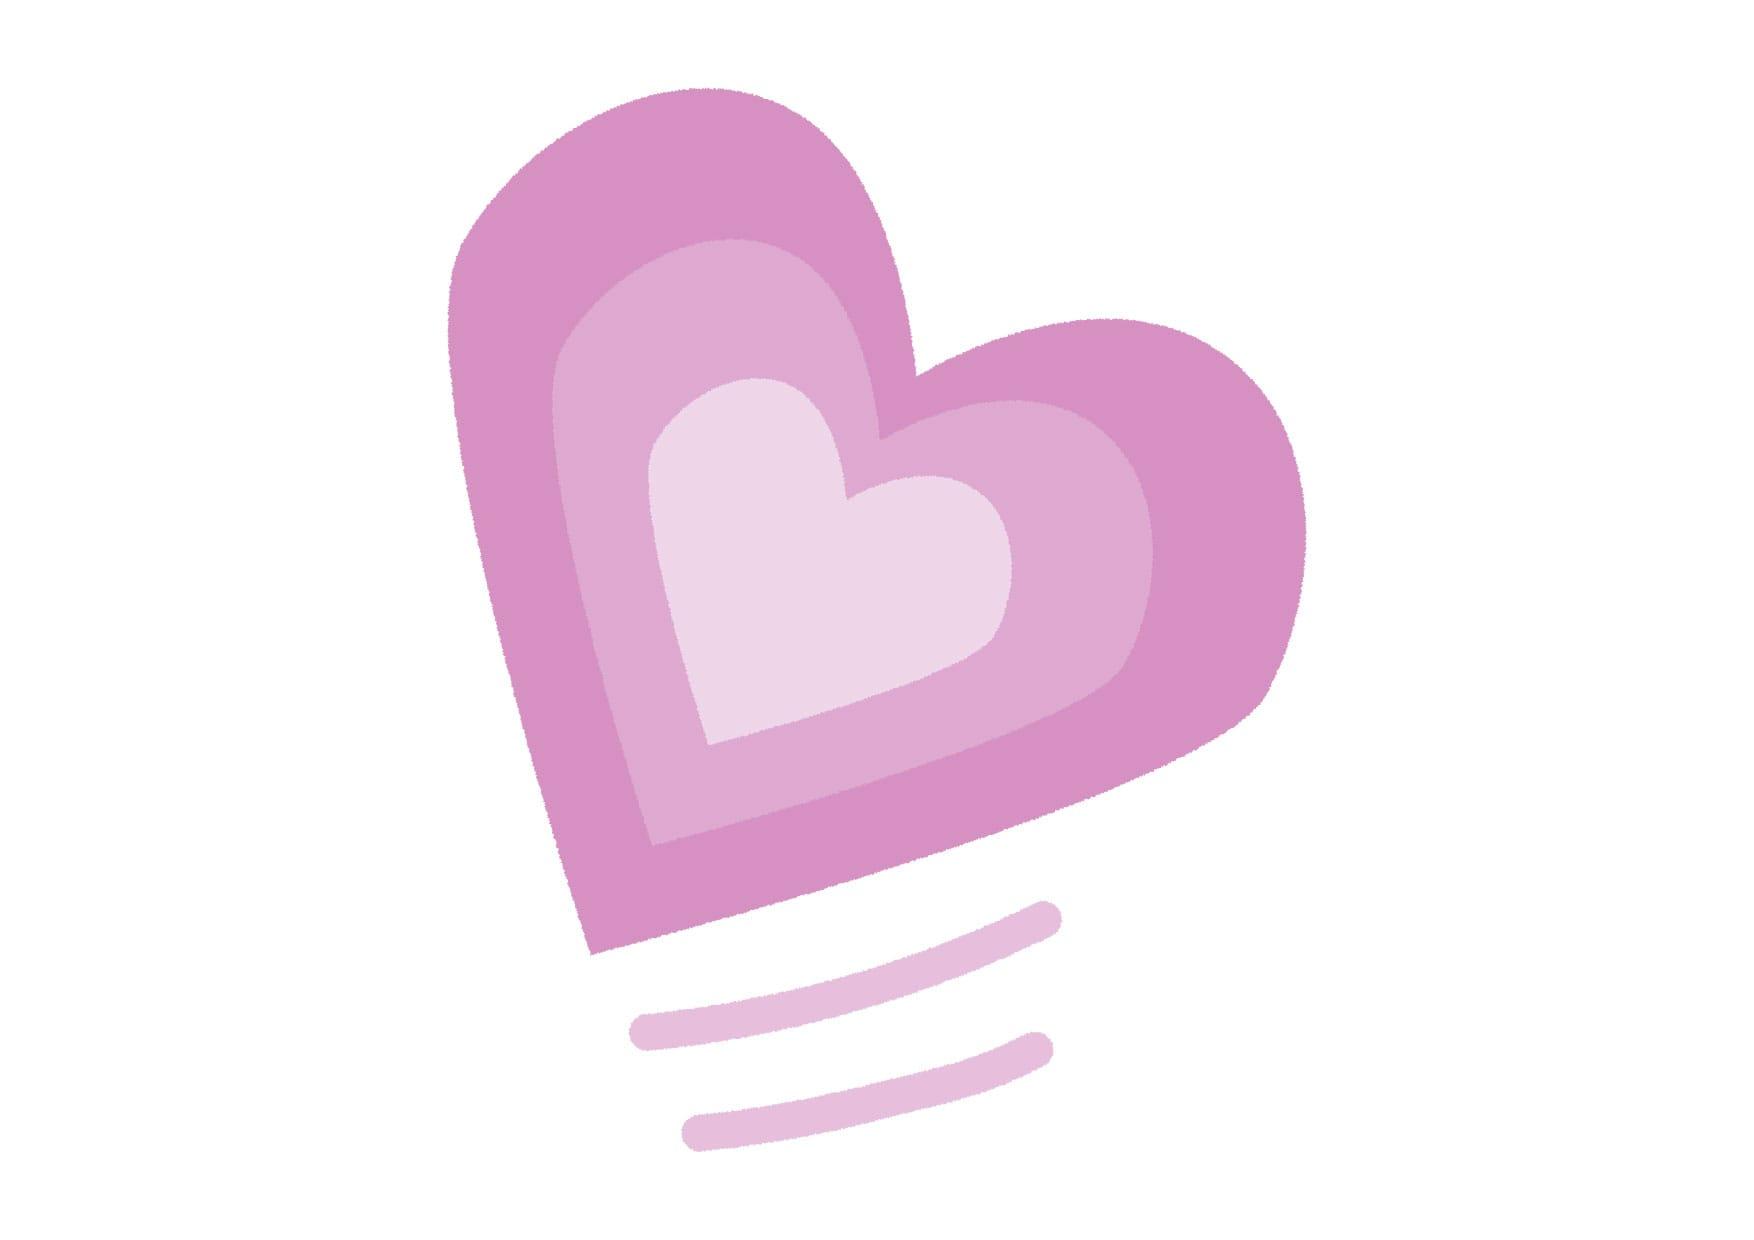 可愛いイラスト無料|グラデーション ハート 紫色 − free illustration Gradient heart purple